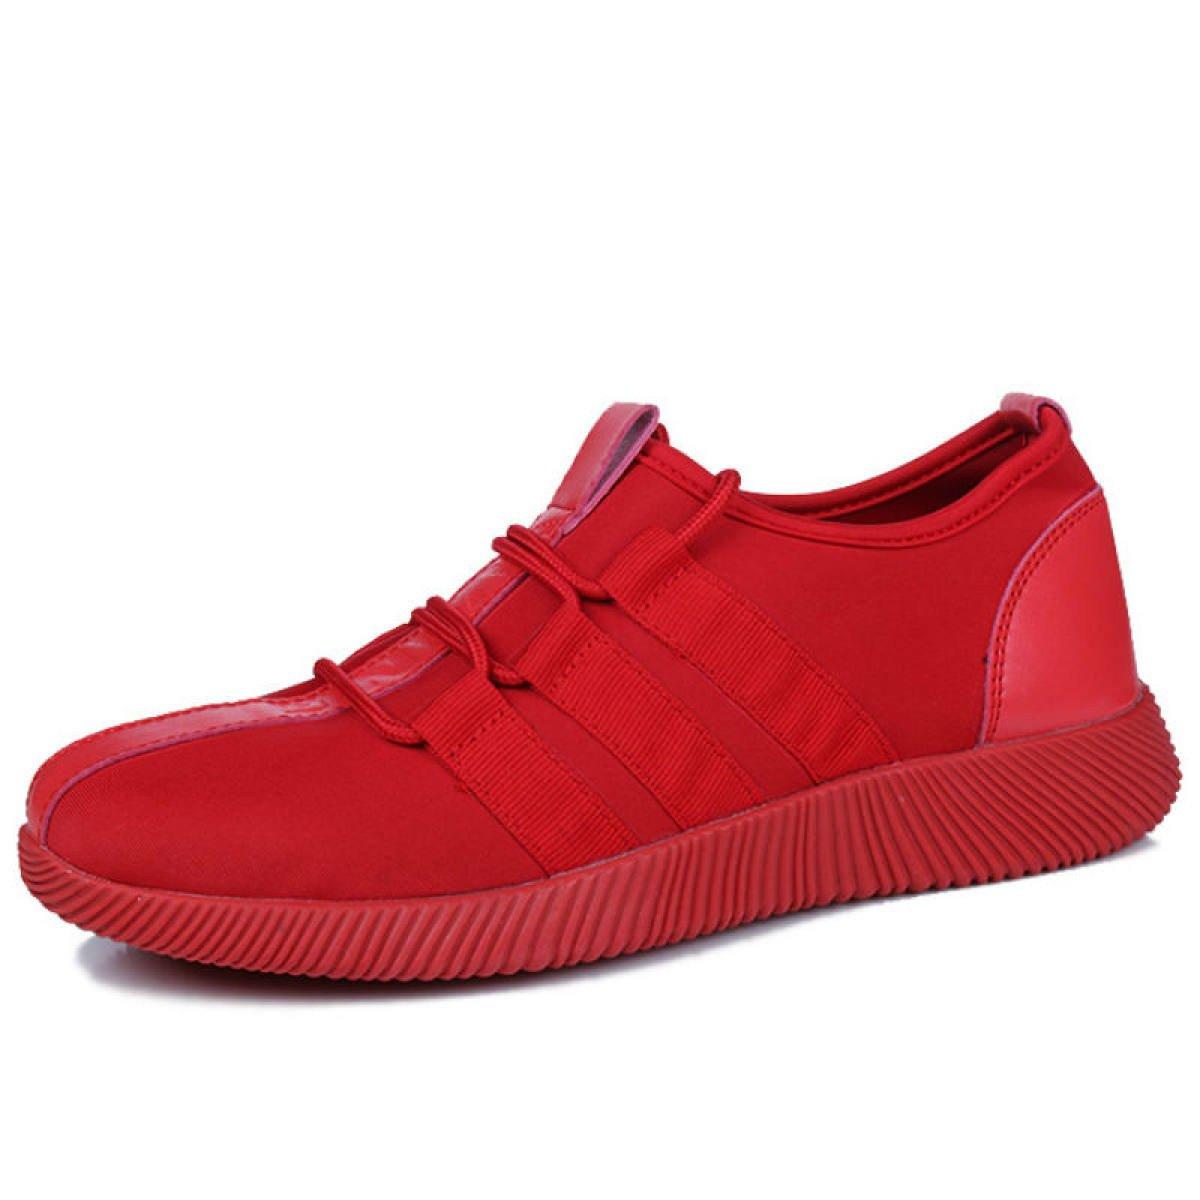 GRRONG Mauml;nner Fruuml;hling Und Herbst Trend Schuhe Student Sport Jugend Schuhe  39|Red